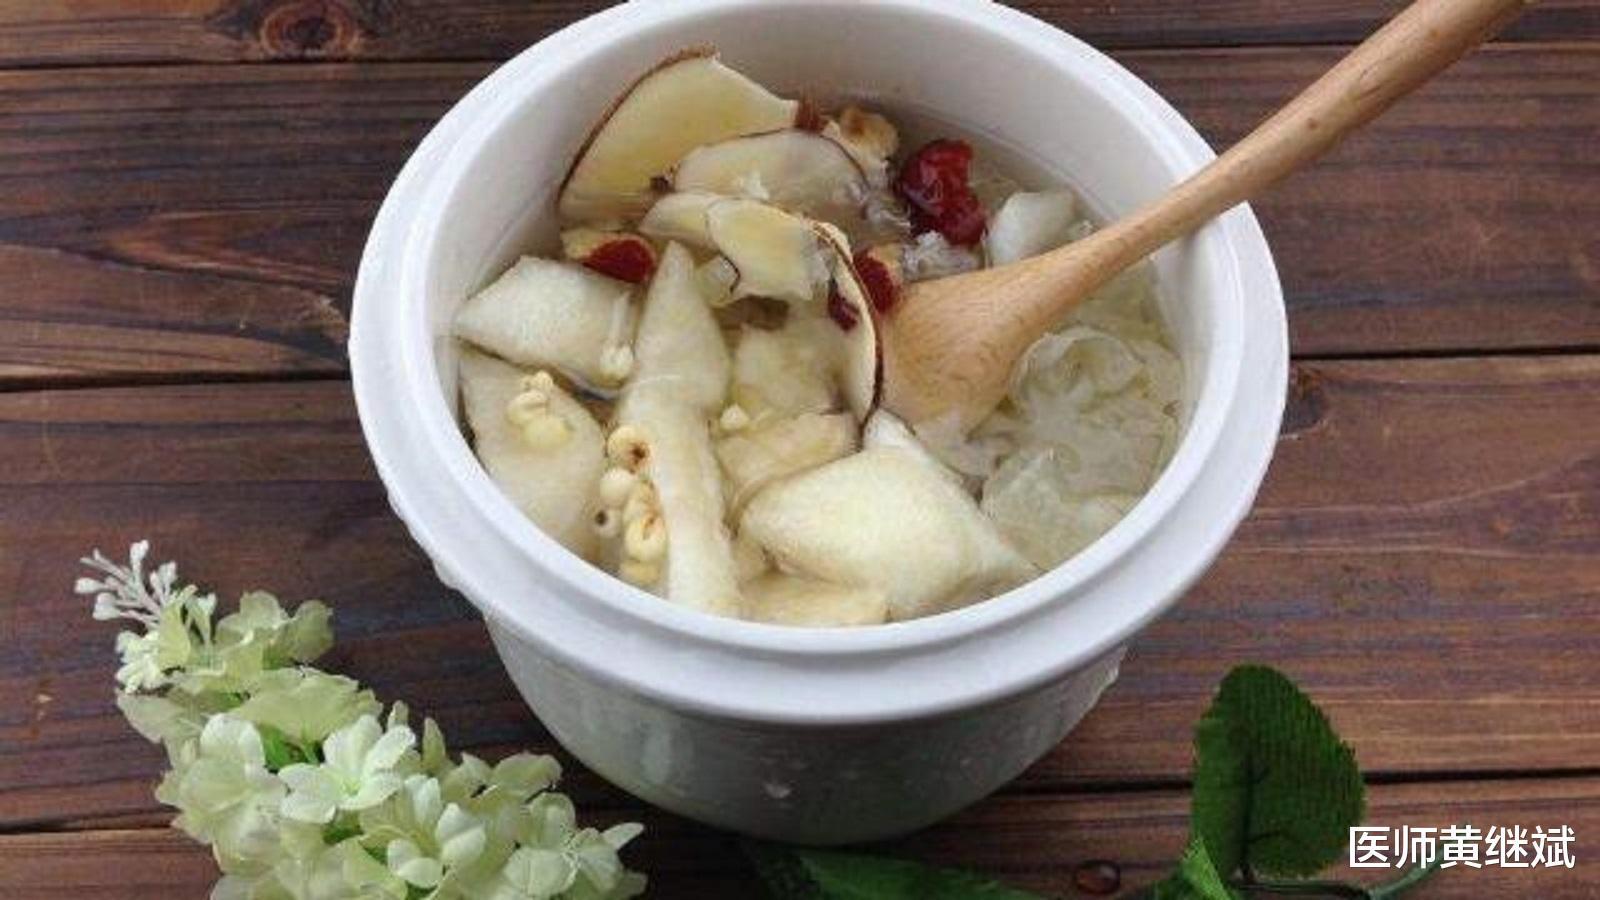 感冒期间的必备水果,能有效润肺止咳,雪梨的食疗吃法有哪些?